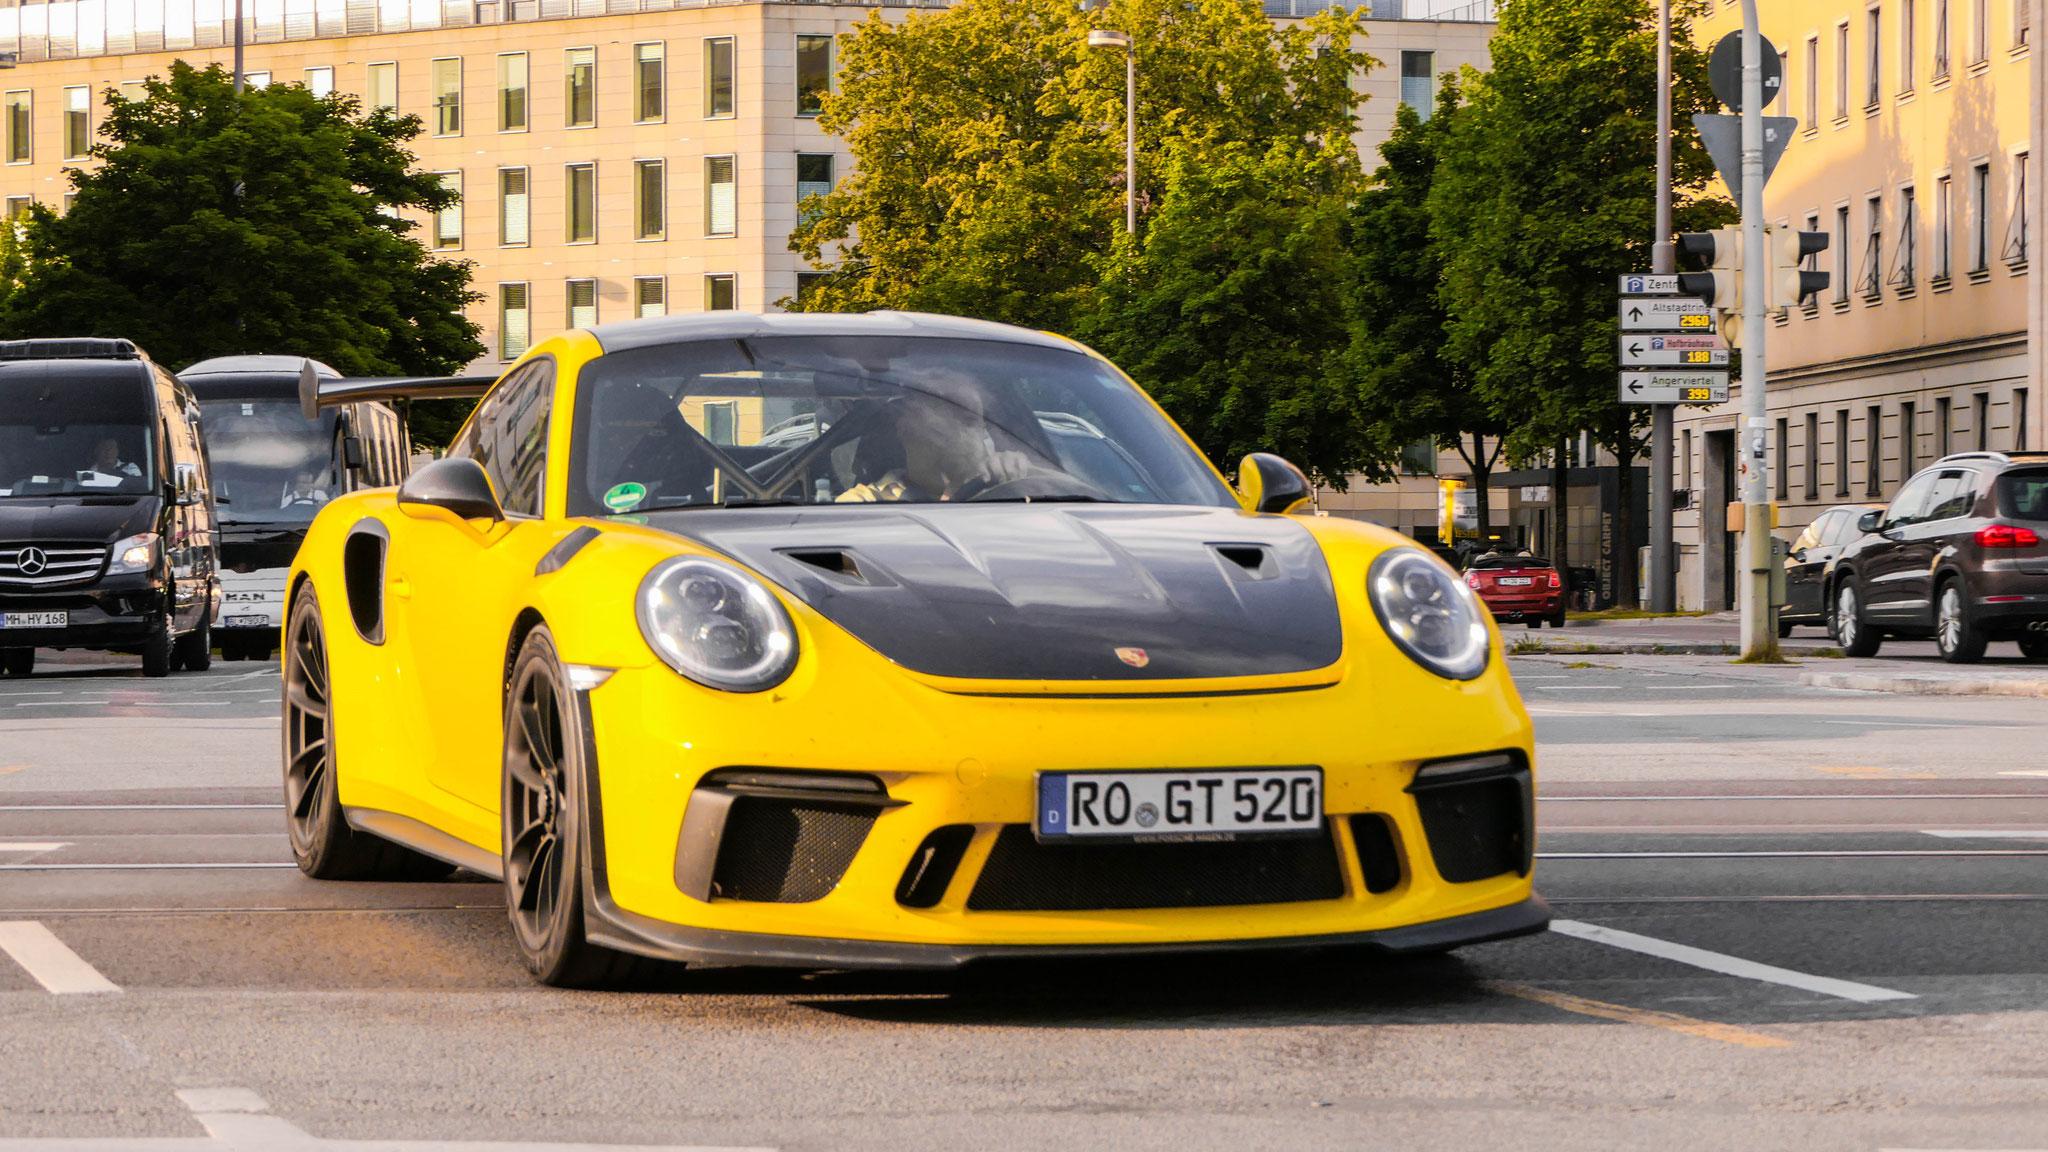 Porsche 911 991.2 GT3 RS - RO-GT-520